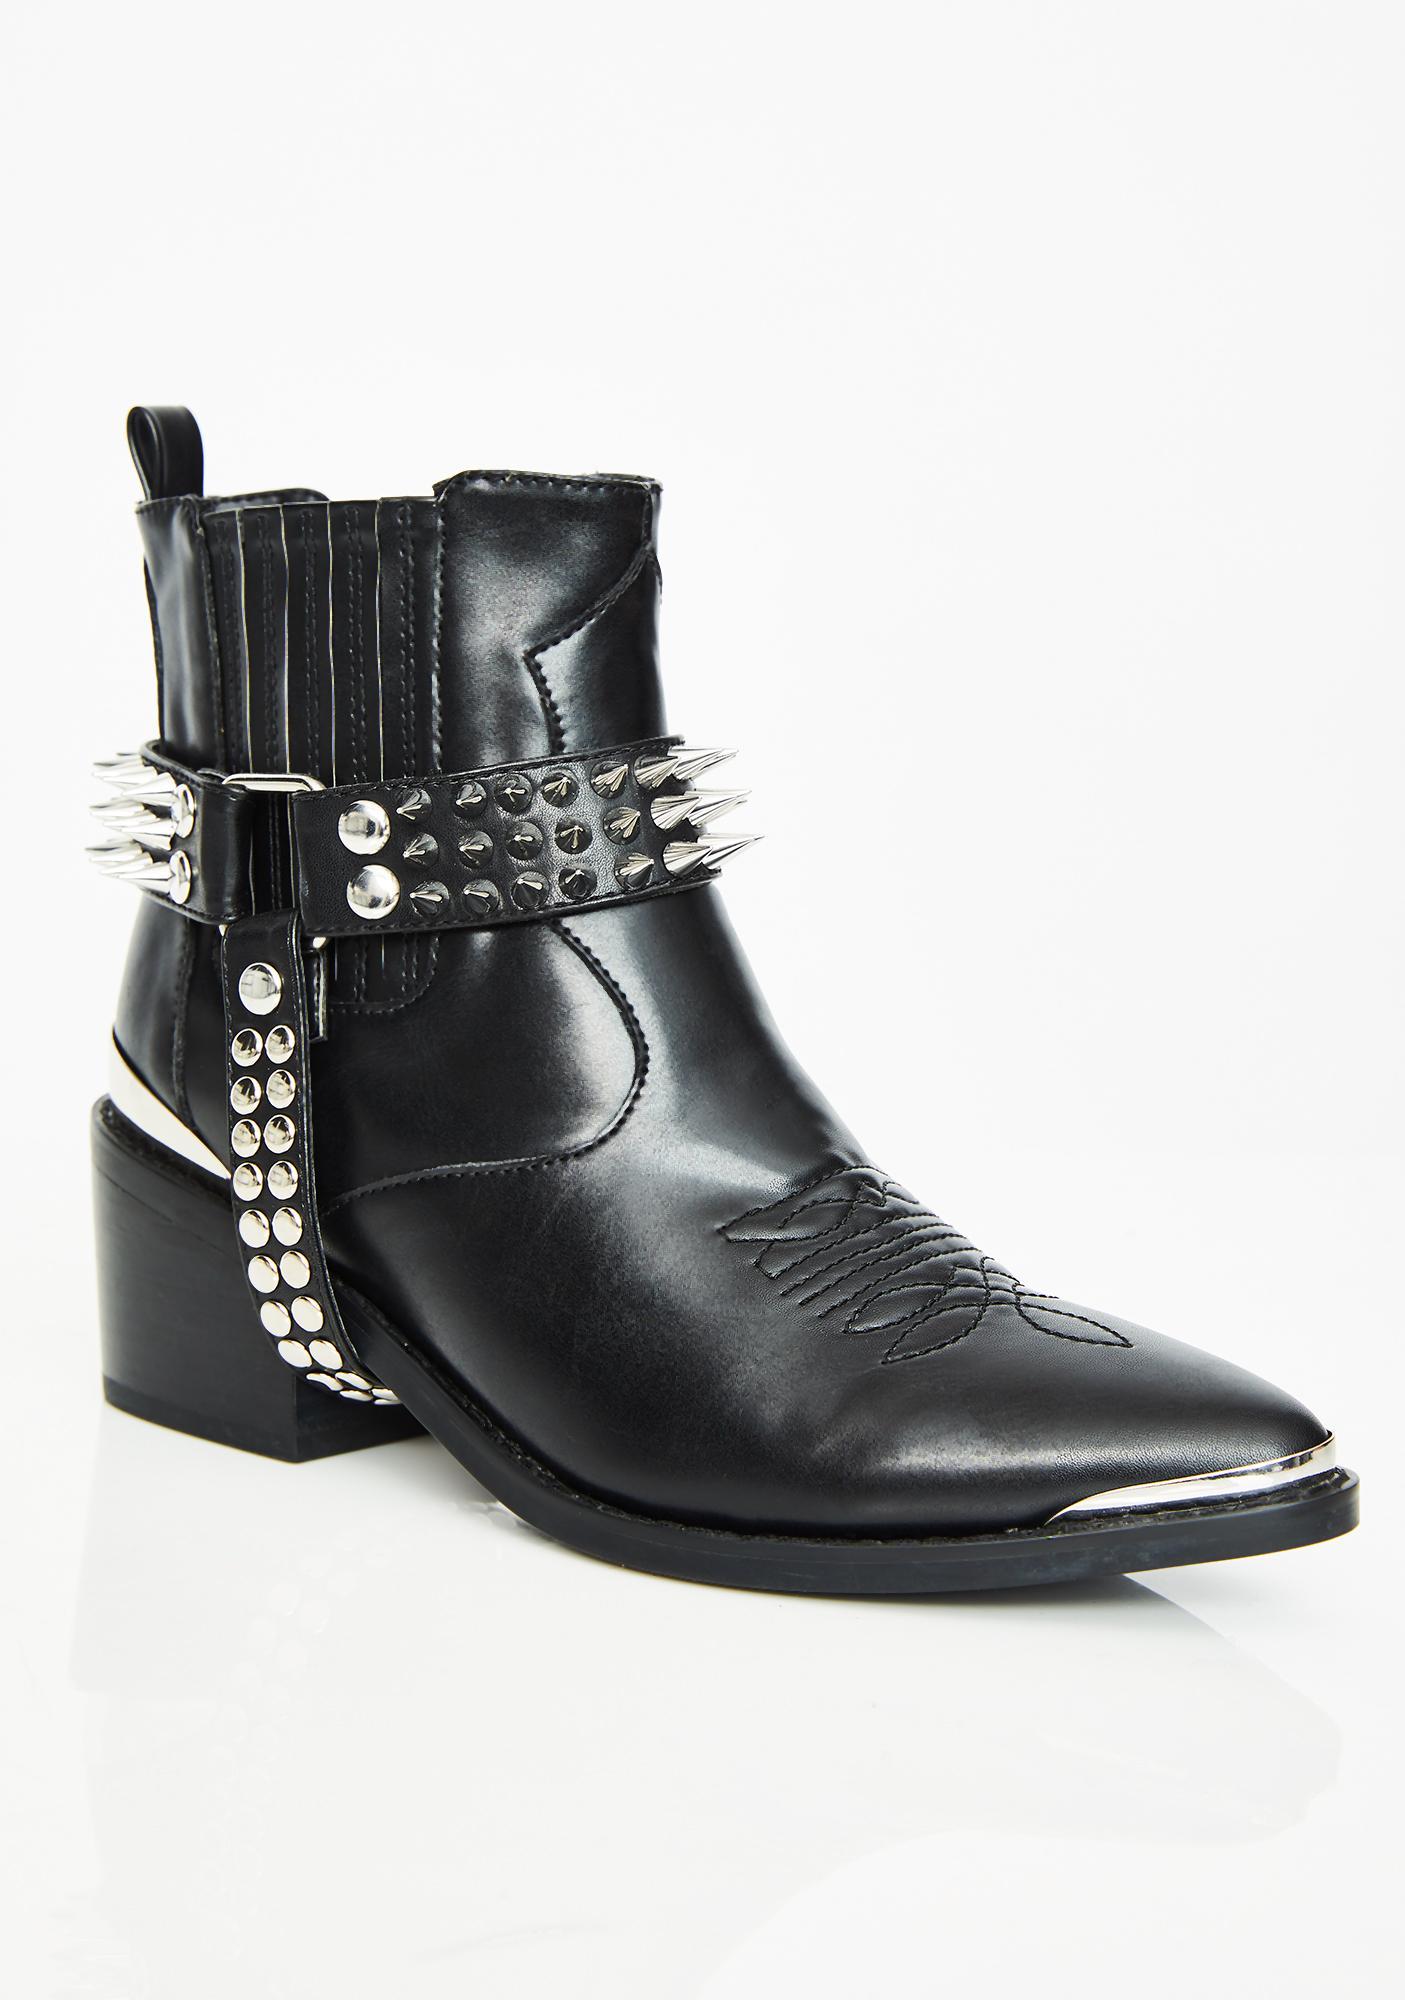 Current Mood Tenderloin Studded Boots